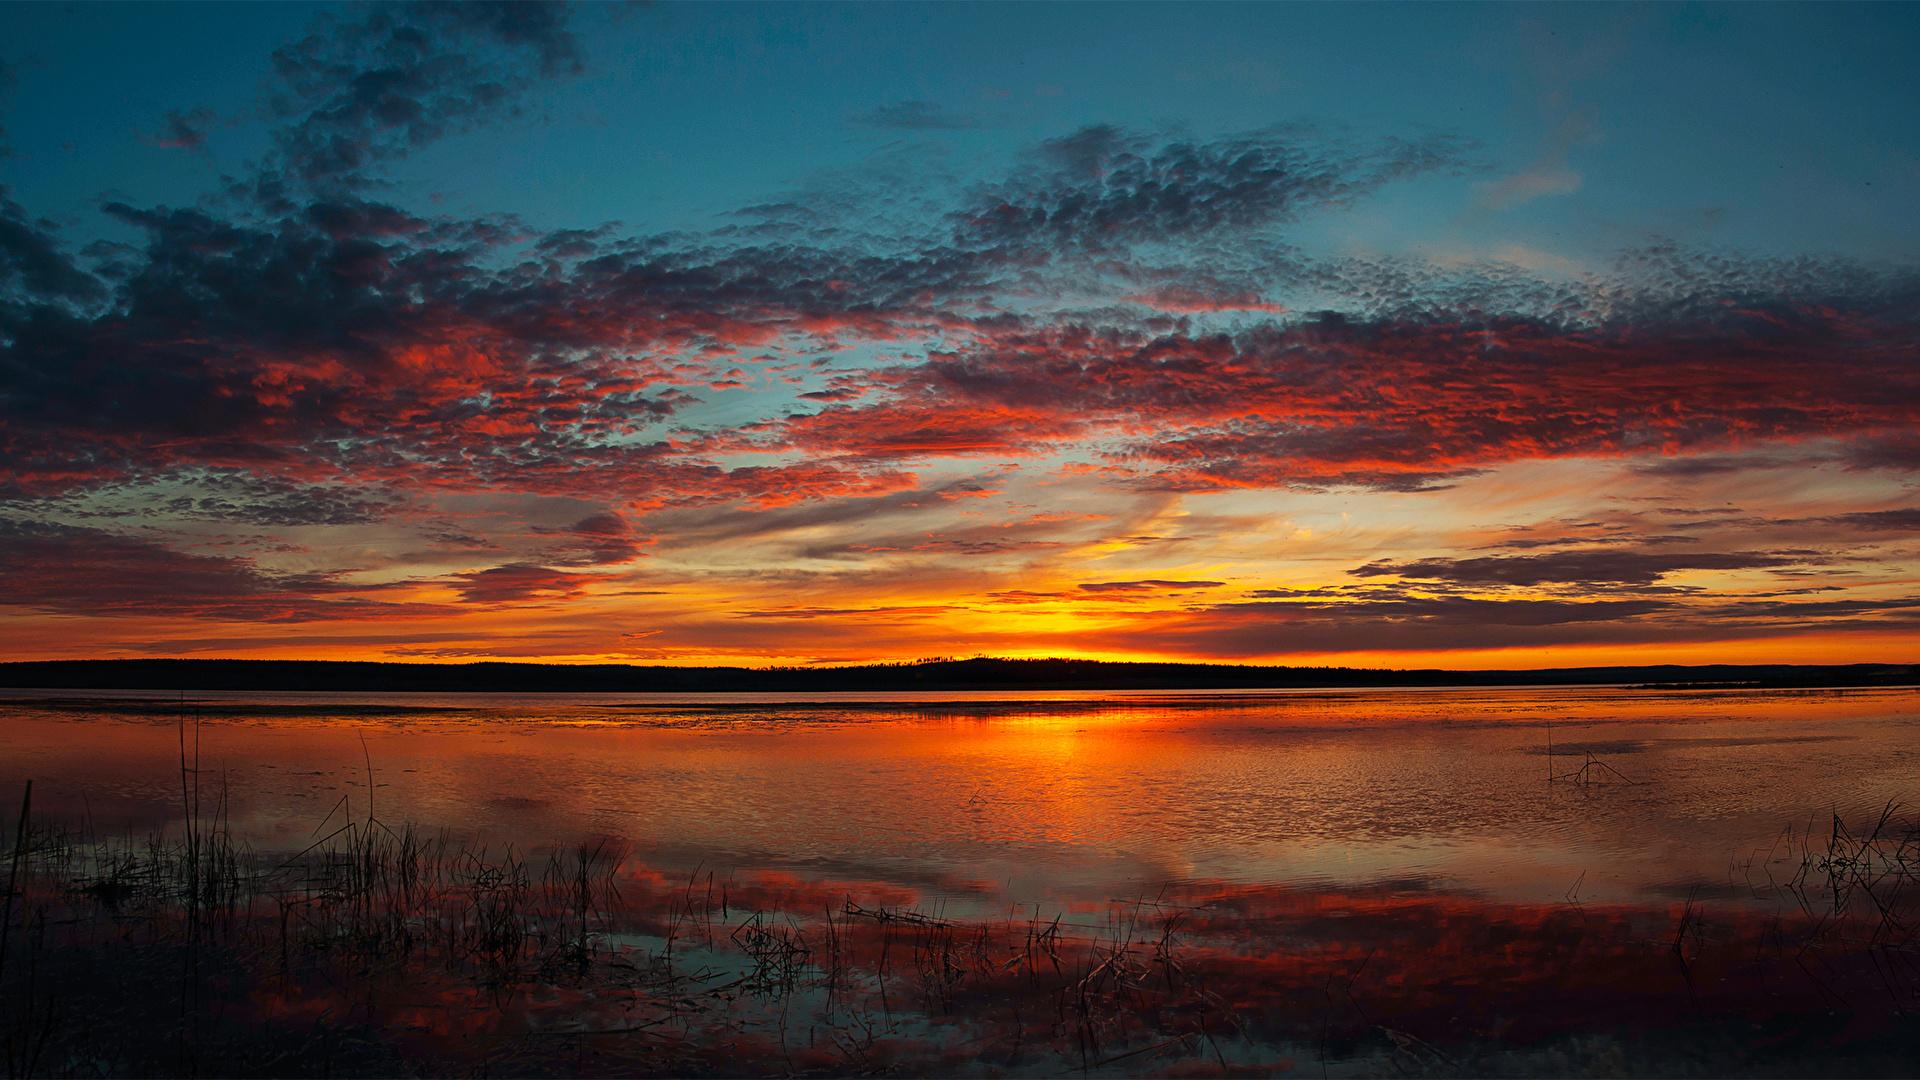 Фотографии Природа Небо Рассветы и закаты Реки облачно 1920x1080 рассвет и закат река речка облако Облака